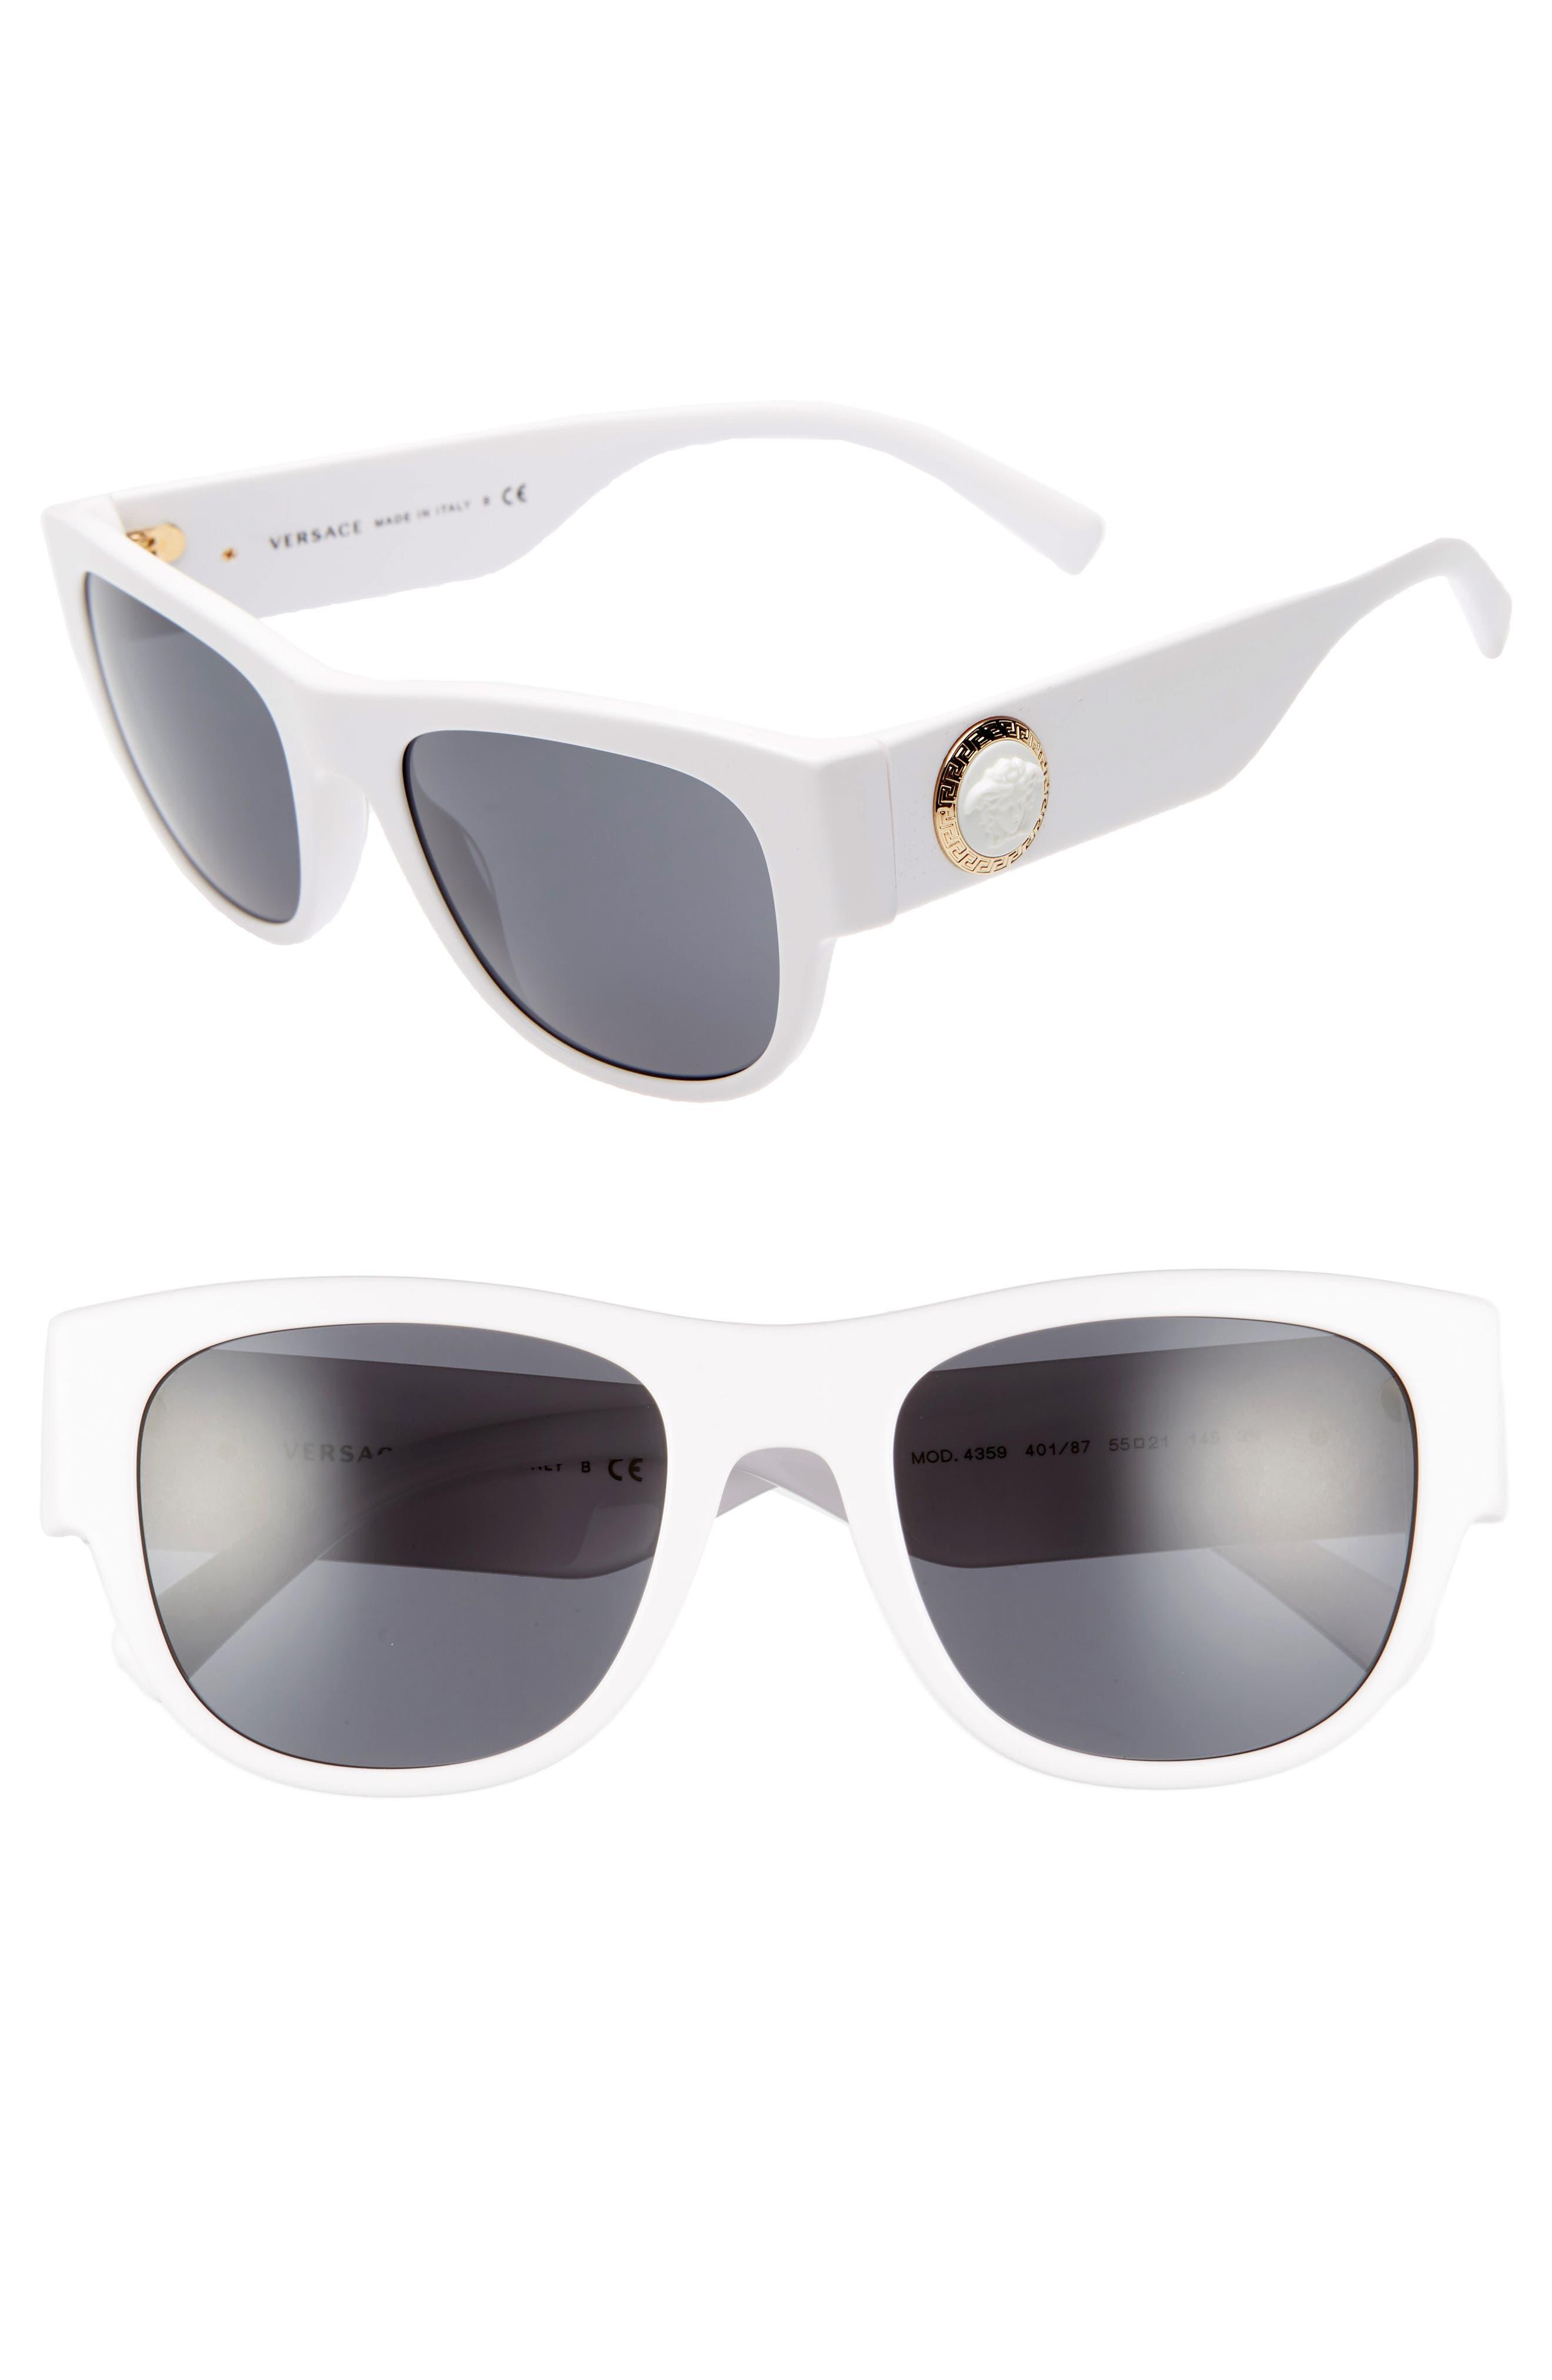 a5cc98919e0 Versace 55Mm Square Sunglasses - White  Grey Solid